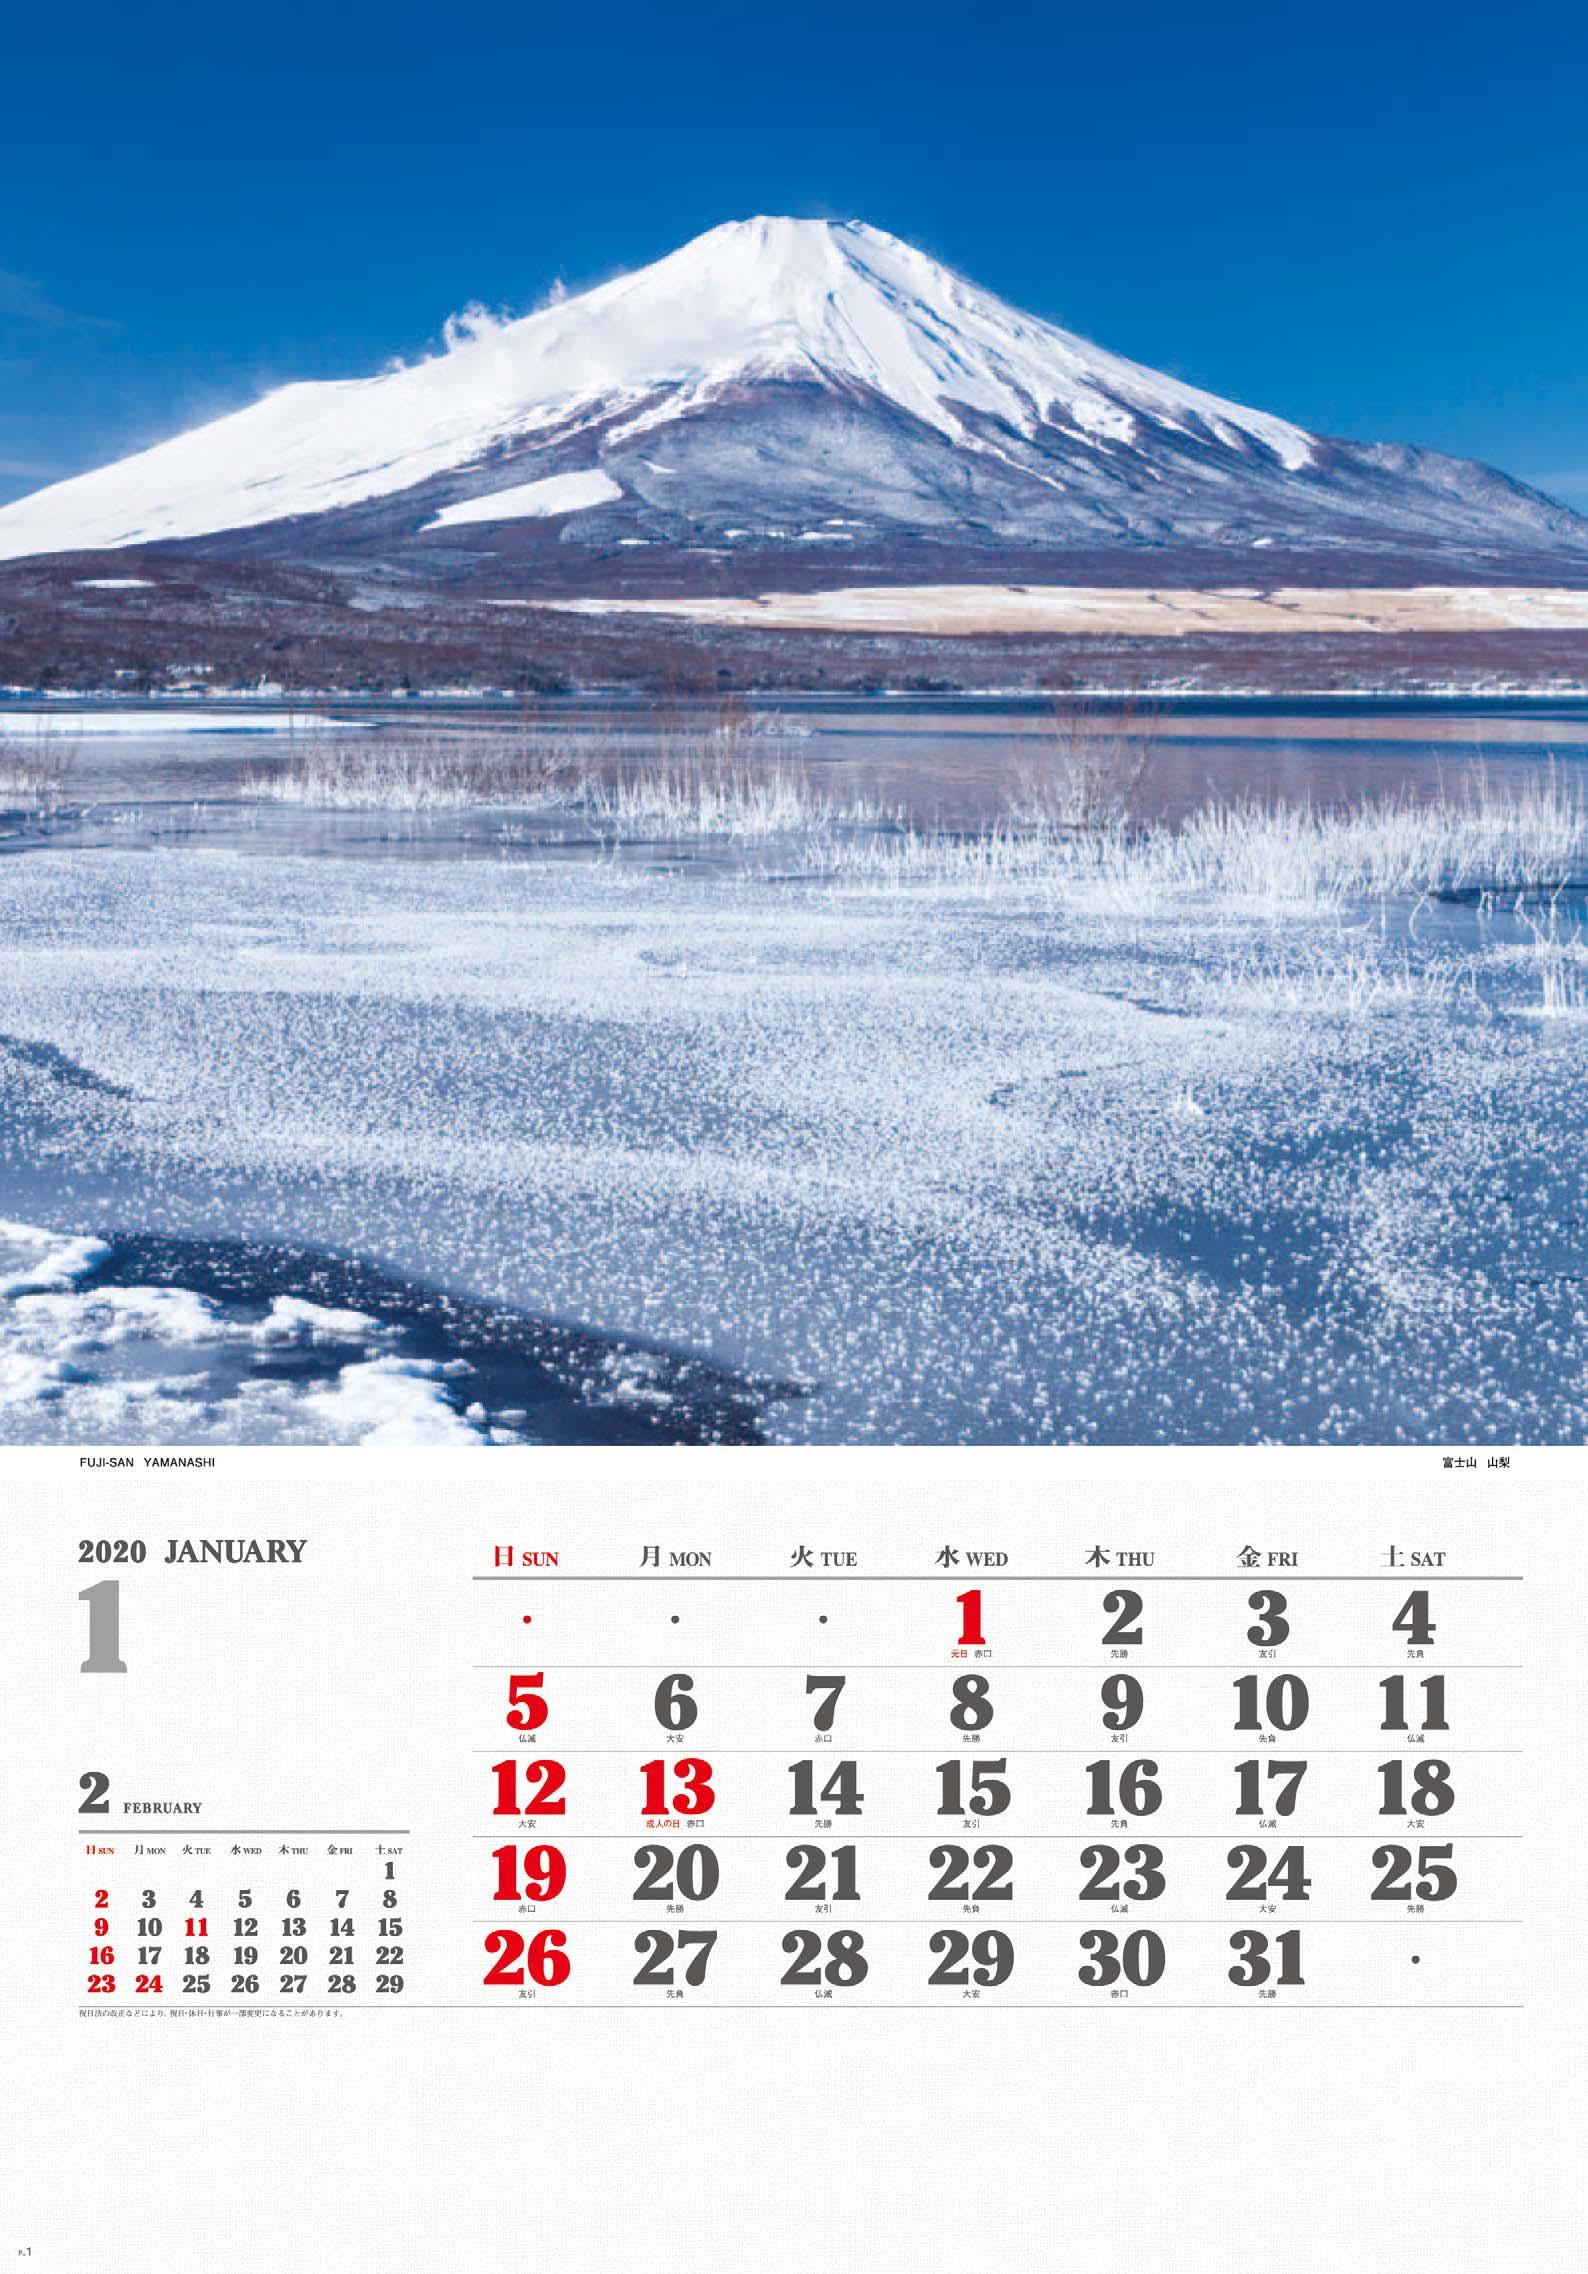 画像:富士山(山梨) ワイドニッポン十二選(フィルムカレンダー) 2020年カレンダー